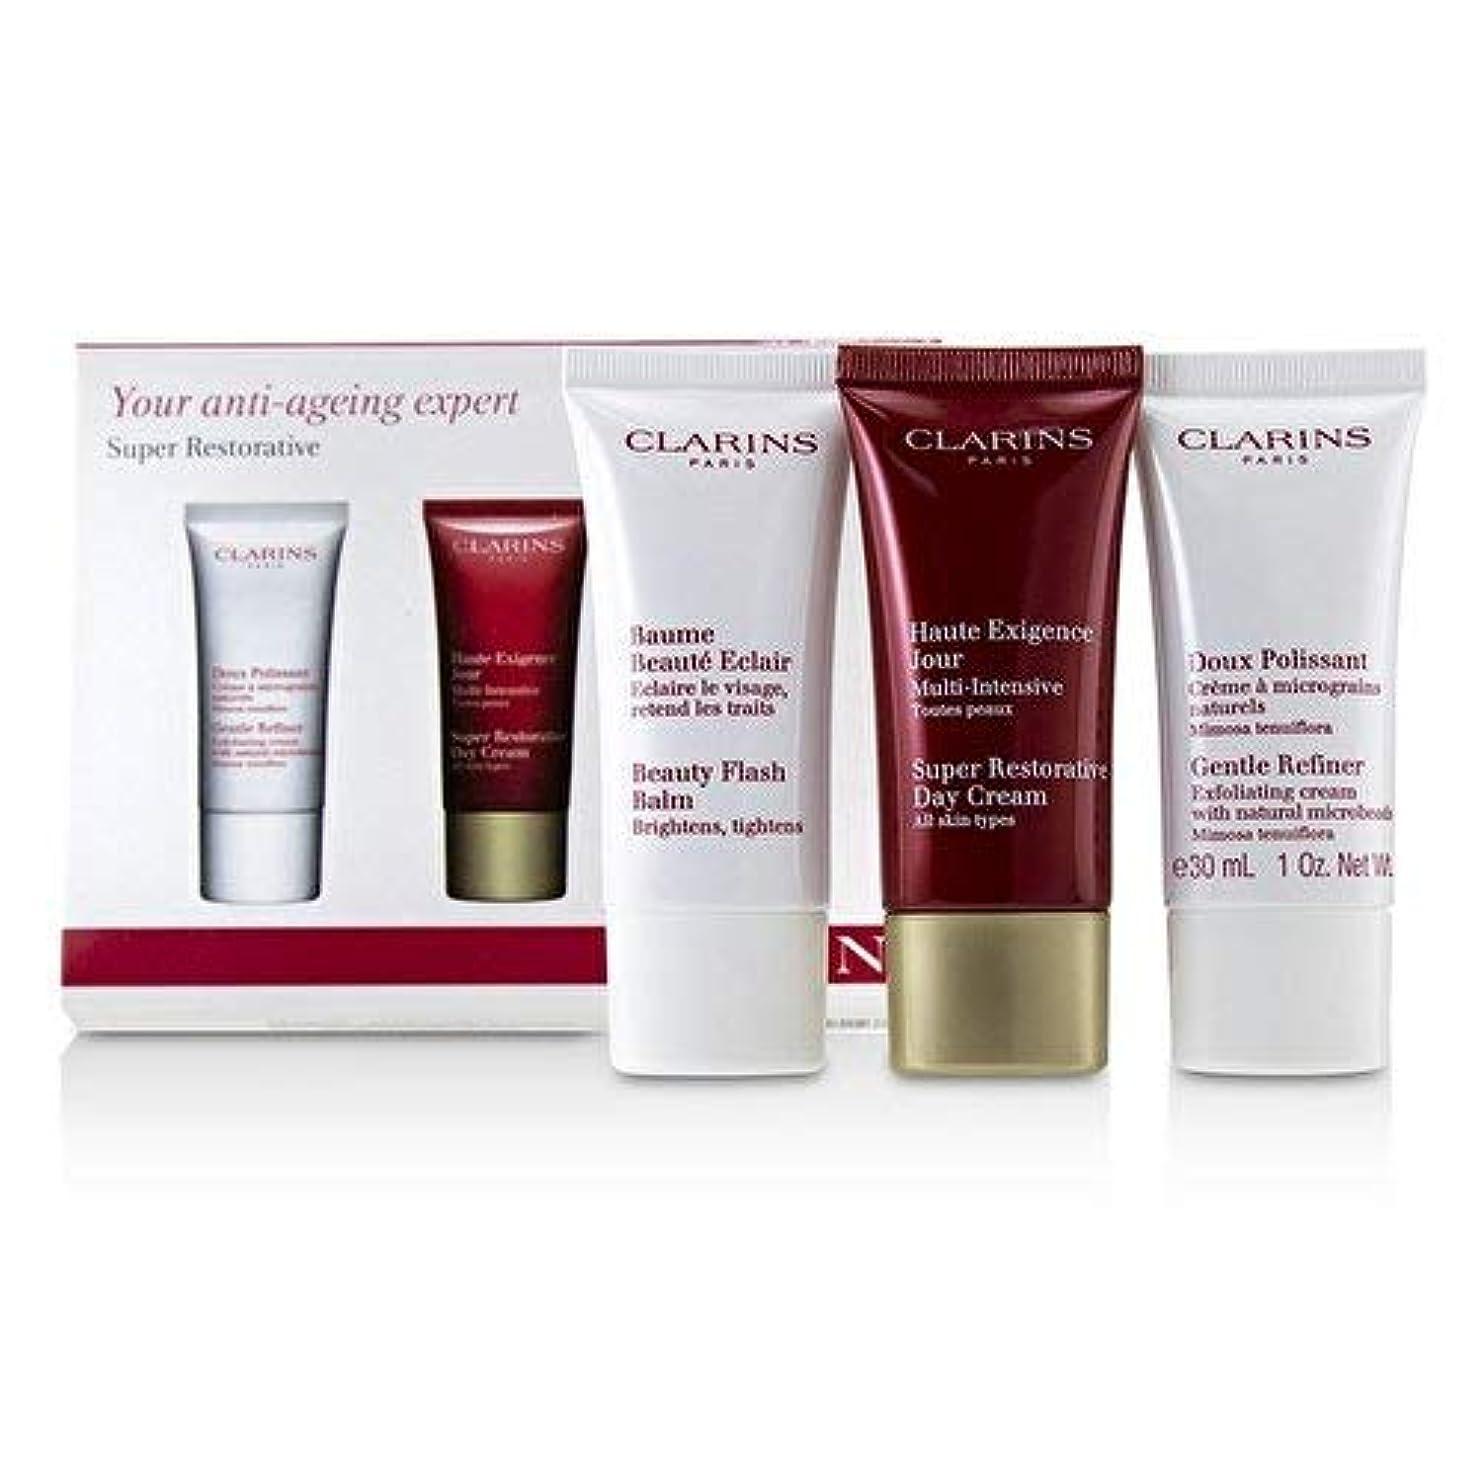 現像を除く理由クラランス Super Restorative 50+ Anti-Ageing Skincare Set: Gentle Refiner 30ml+Super Restorative Day Cream 30ml+Beauty Flash Balm 30ml 3pcs並行輸入品